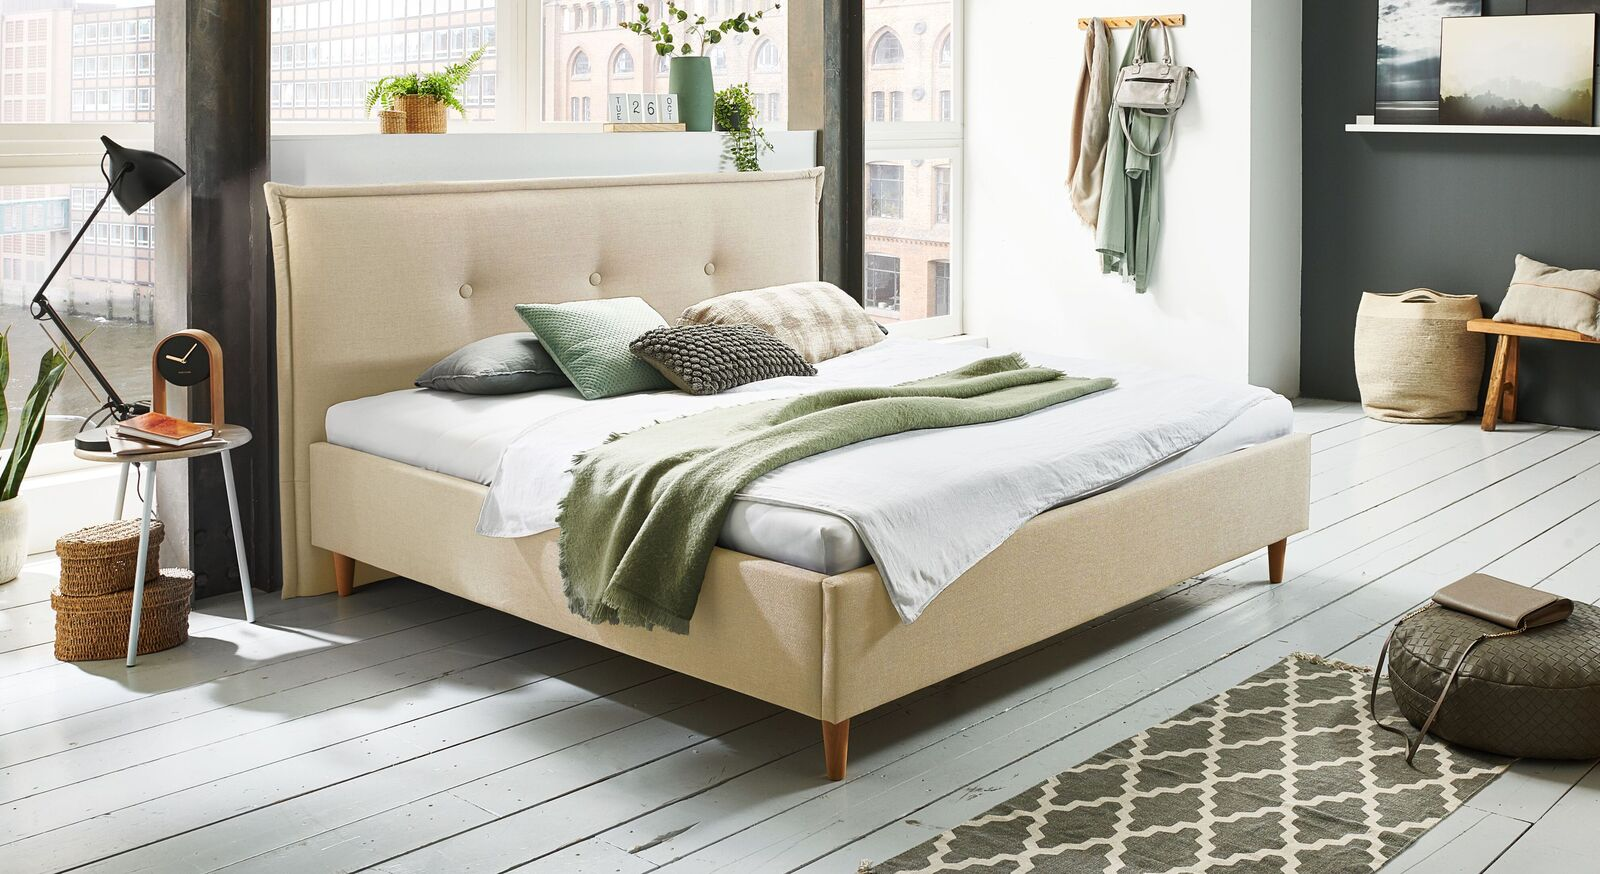 Bett Indore mit hochwertigem Webstoff in Creme